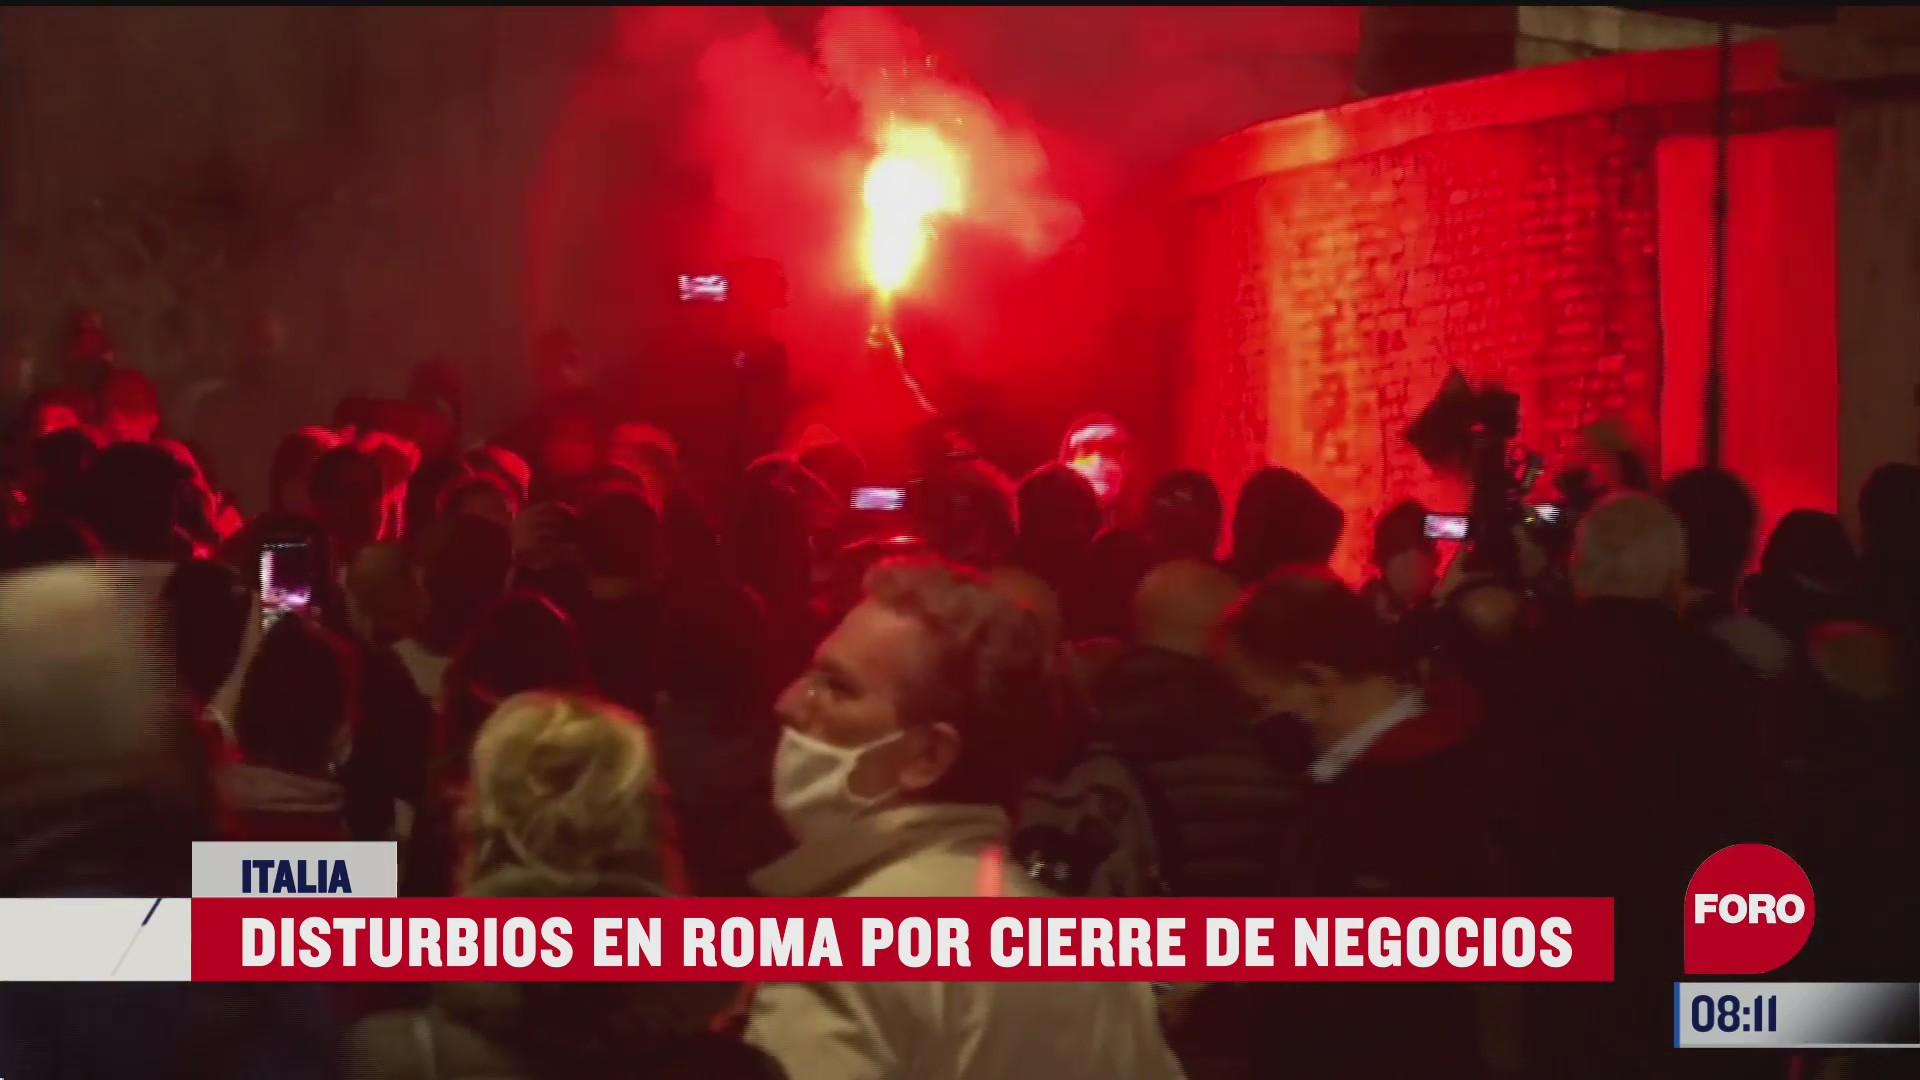 se desatan disturbios en italia por cierre de negocios tras covid